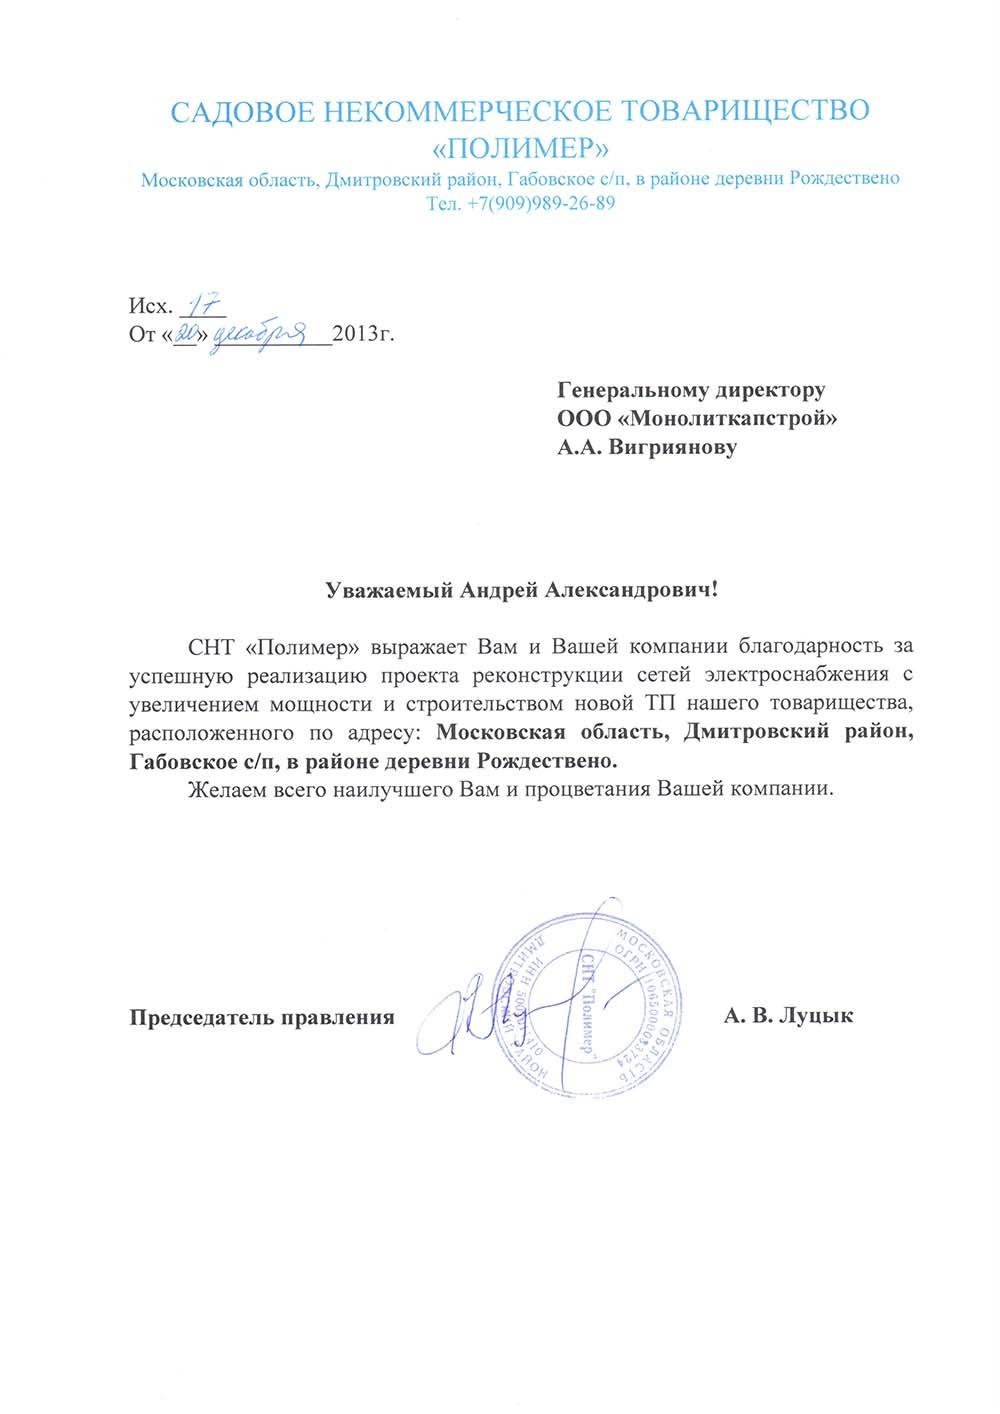 Отзыв-для-Монолиткапстрой-СНТ-ПОЛИМЕР